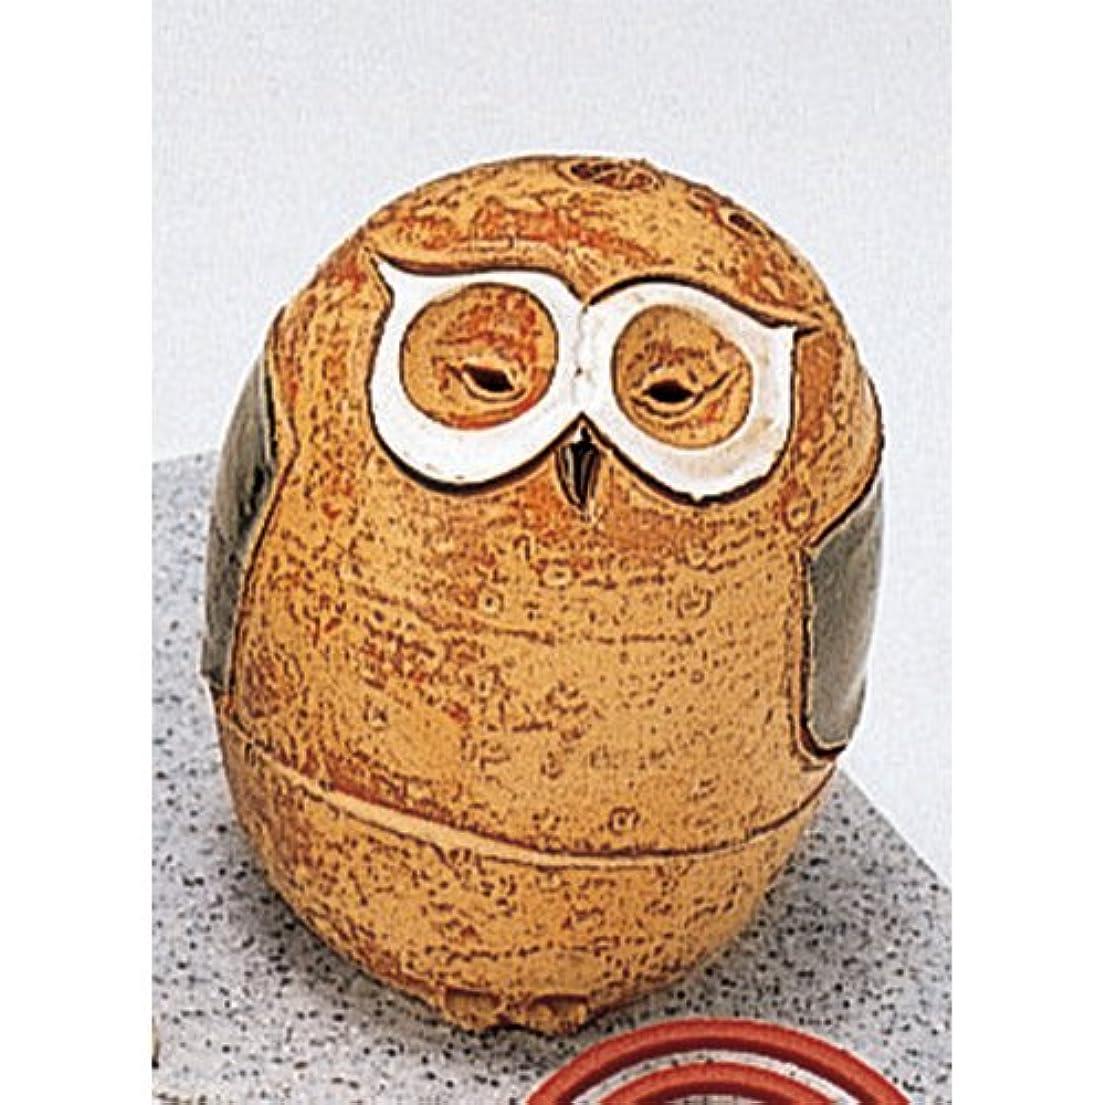 小間合計引き金香炉 フクロウ 香炉(大) [R7xH9.3cm] HANDMADE プレゼント ギフト 和食器 かわいい インテリア